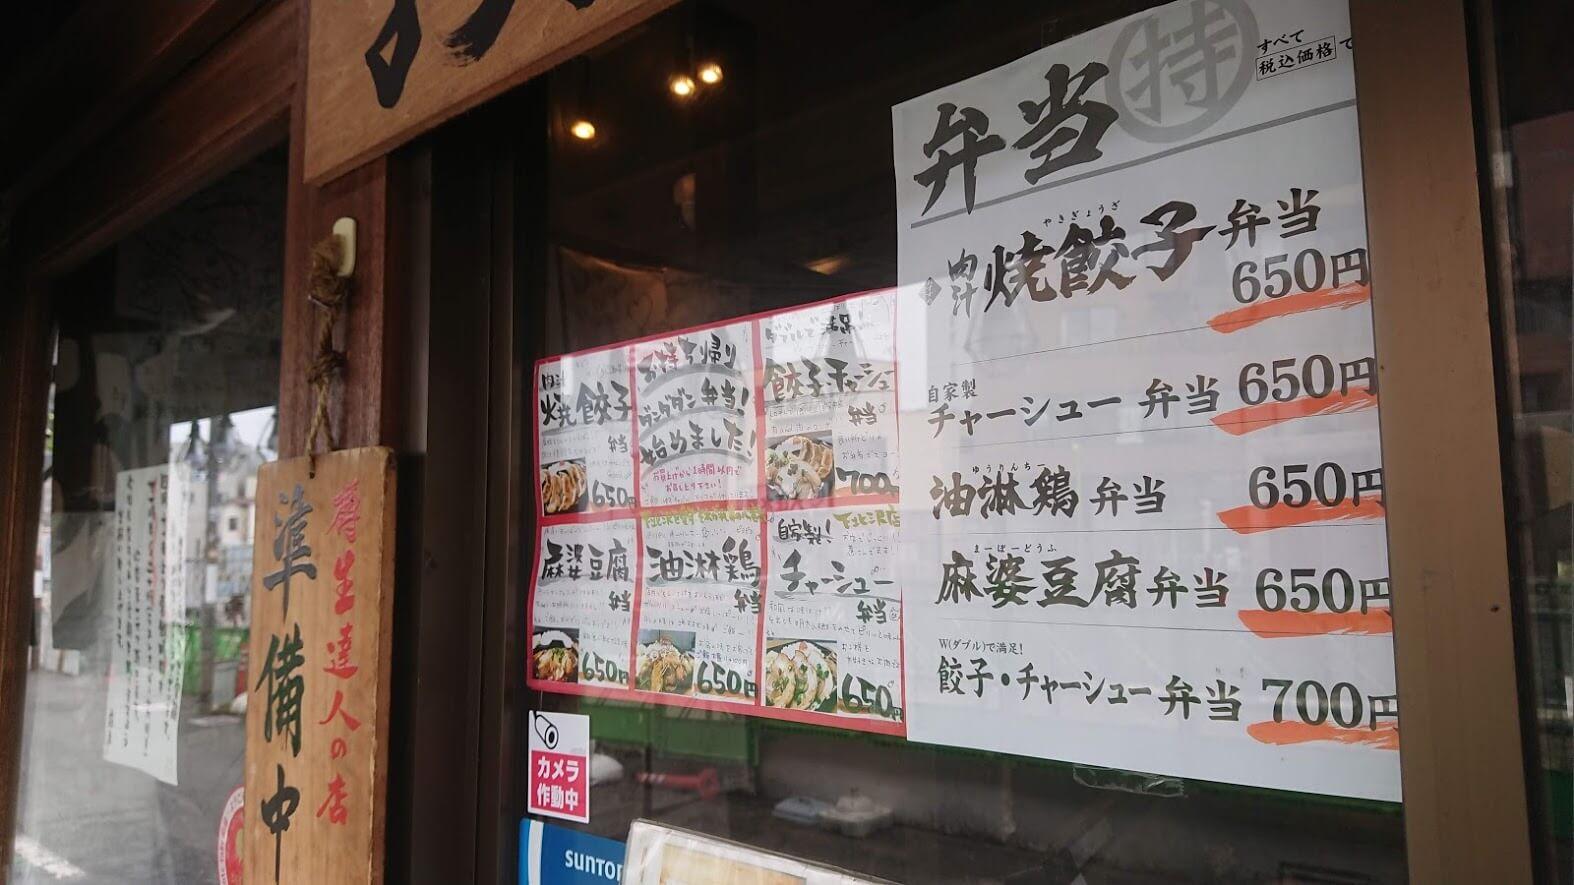 ダンダダン酒場 下北沢 テイクアウト写真